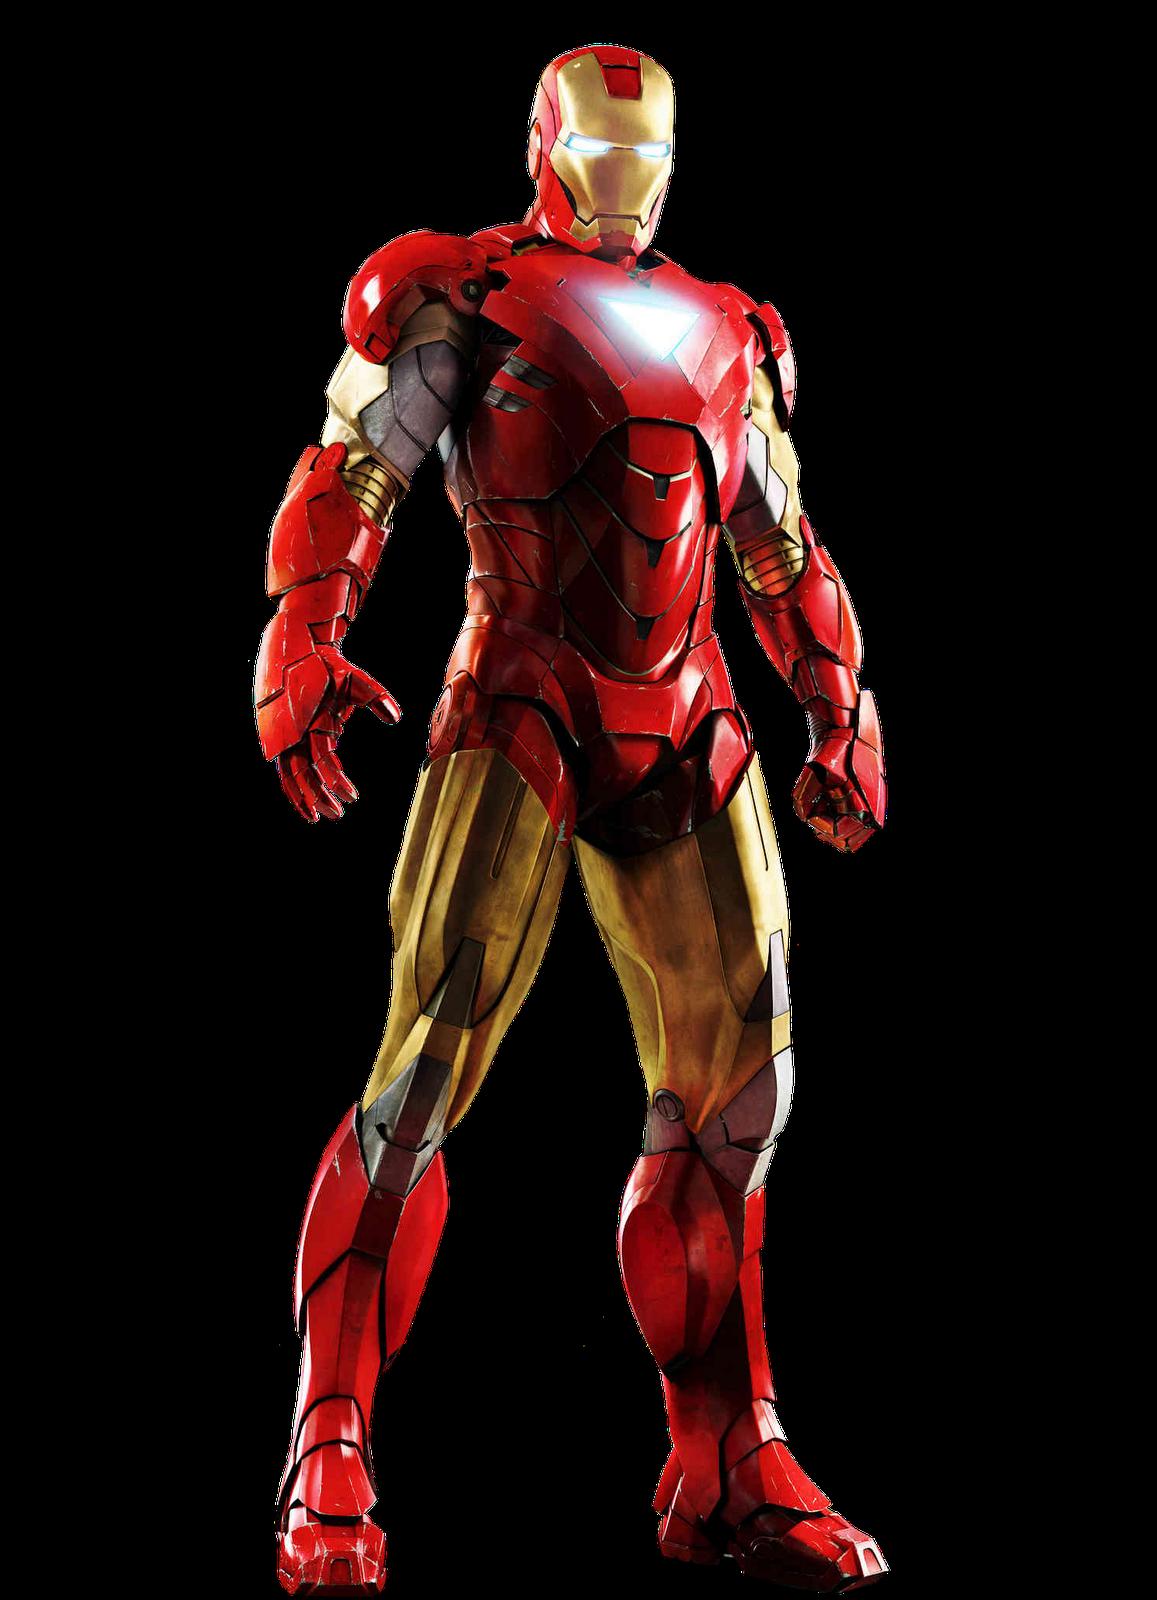 Ironman PNG | Iron man, Iron man wallpaper, Man wallpaper